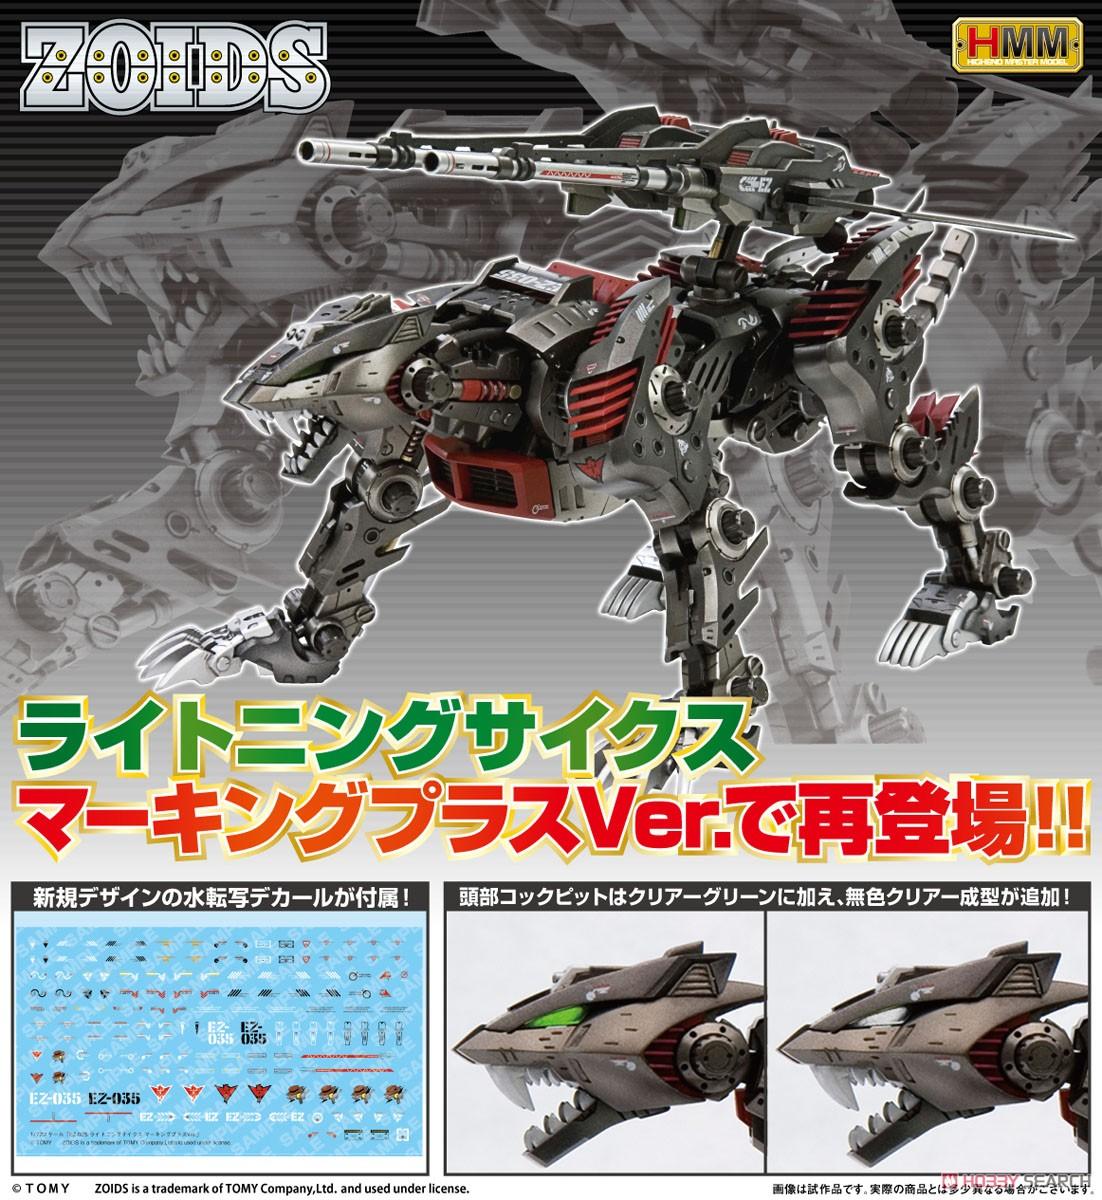 【再販】HMM『EZ-035 ライトニングサイクス マーキングプラスVer.』ゾイド 1/72 プラモデル-019